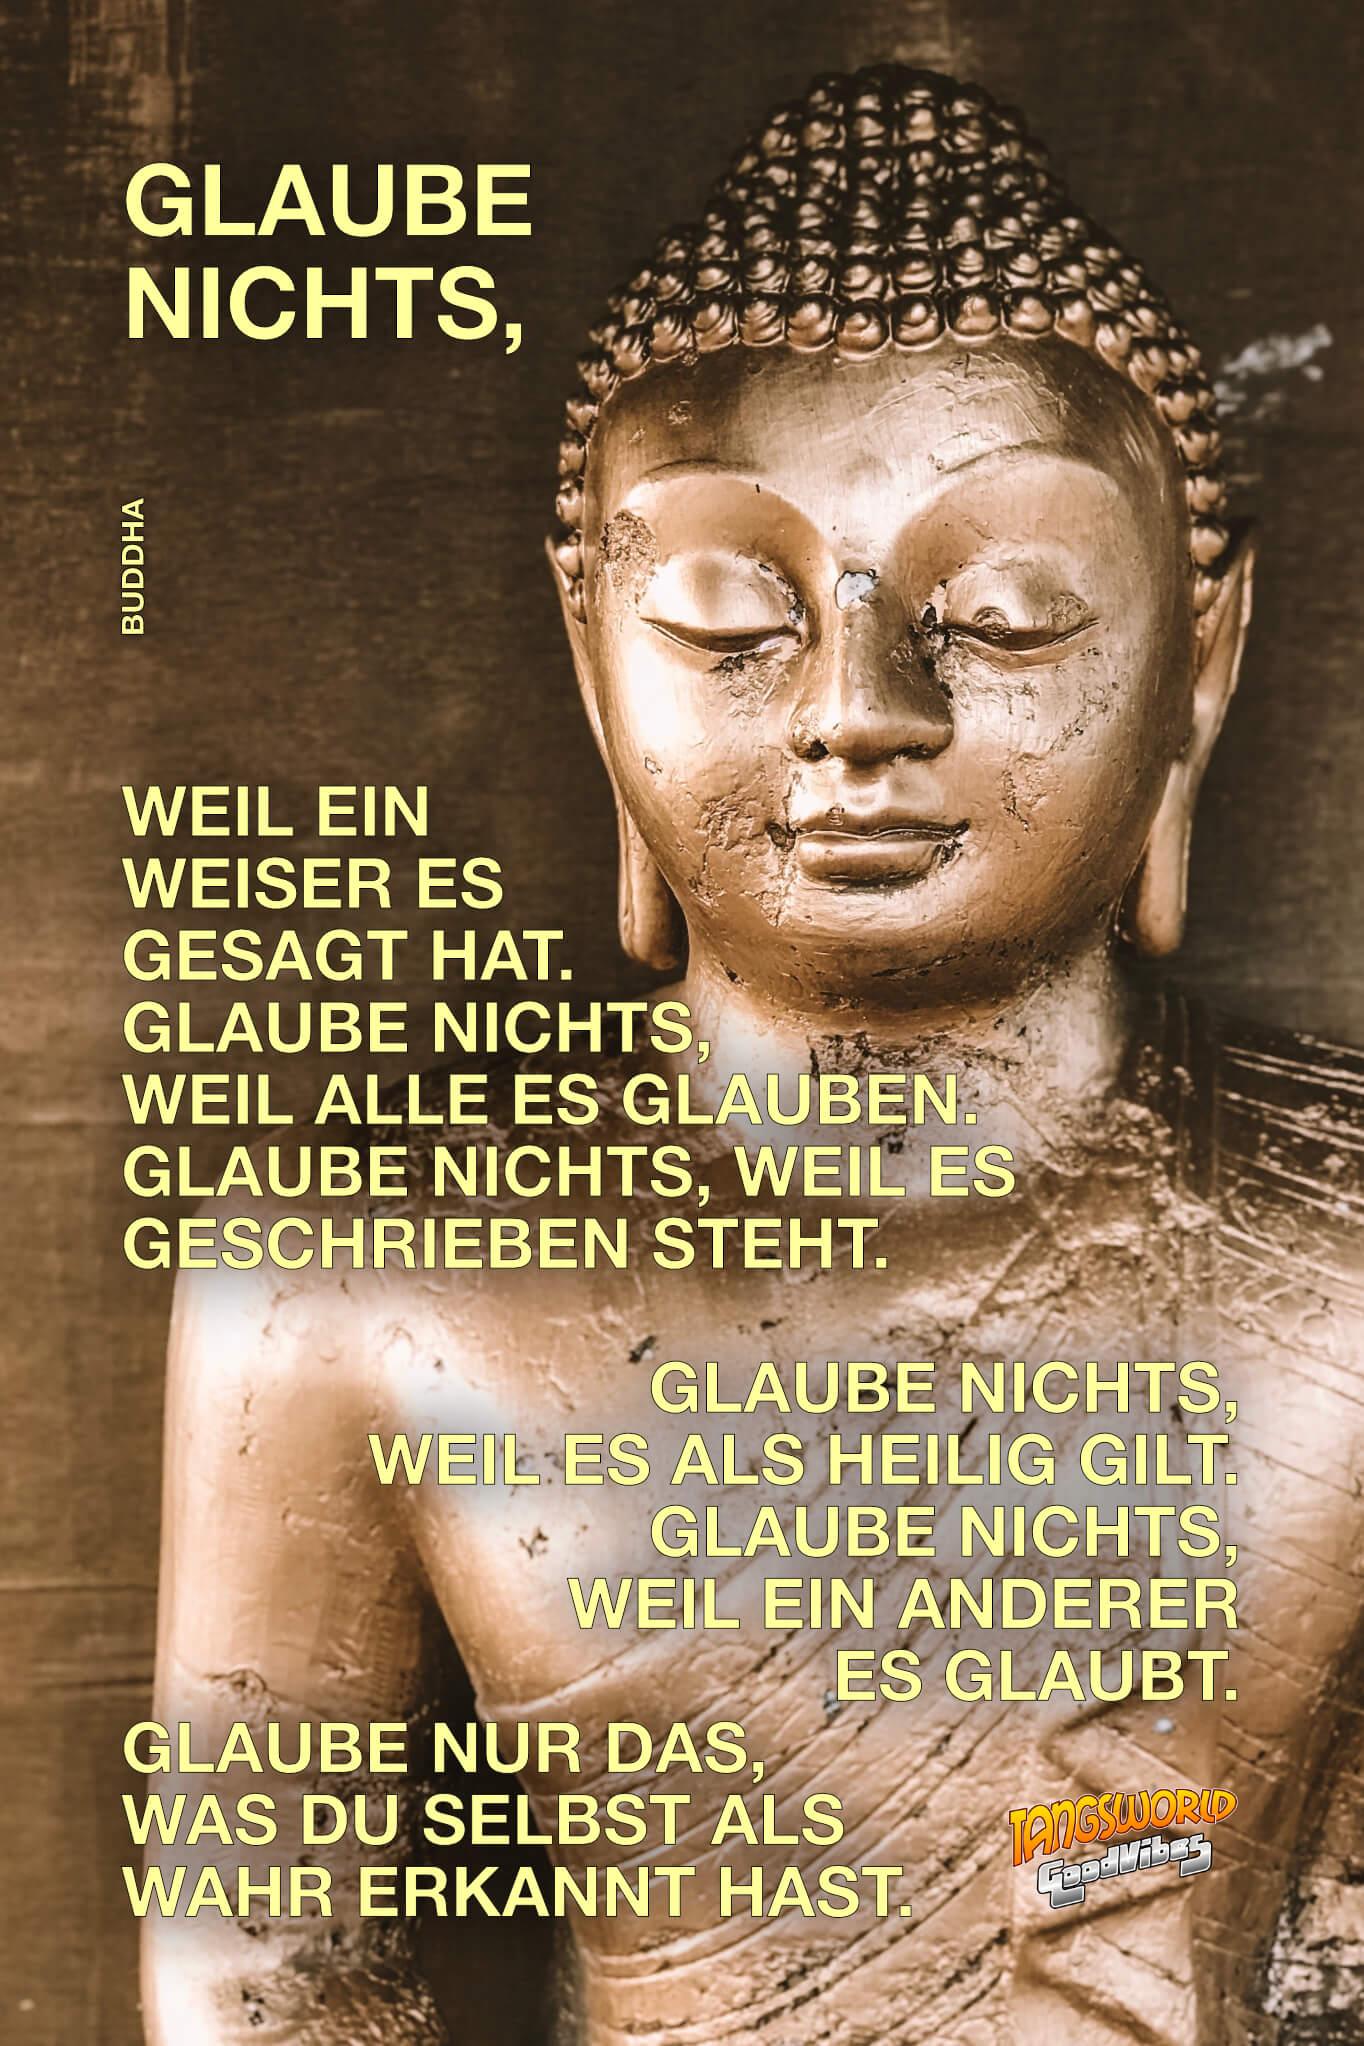 Glaube nichts, weil ein Weiser es gesagt hat. Glaube nichts, weil alle es glauben. Glaube nichts, weil es geschrieben steht. Glaube nichts, weil es als heilig gilt. Glaube nichts, weil ein anderer es glaubt. Glaube nur das, was Du selbst als wahr erkannt hast. Geistesblitze/GoodVibes | Buddha